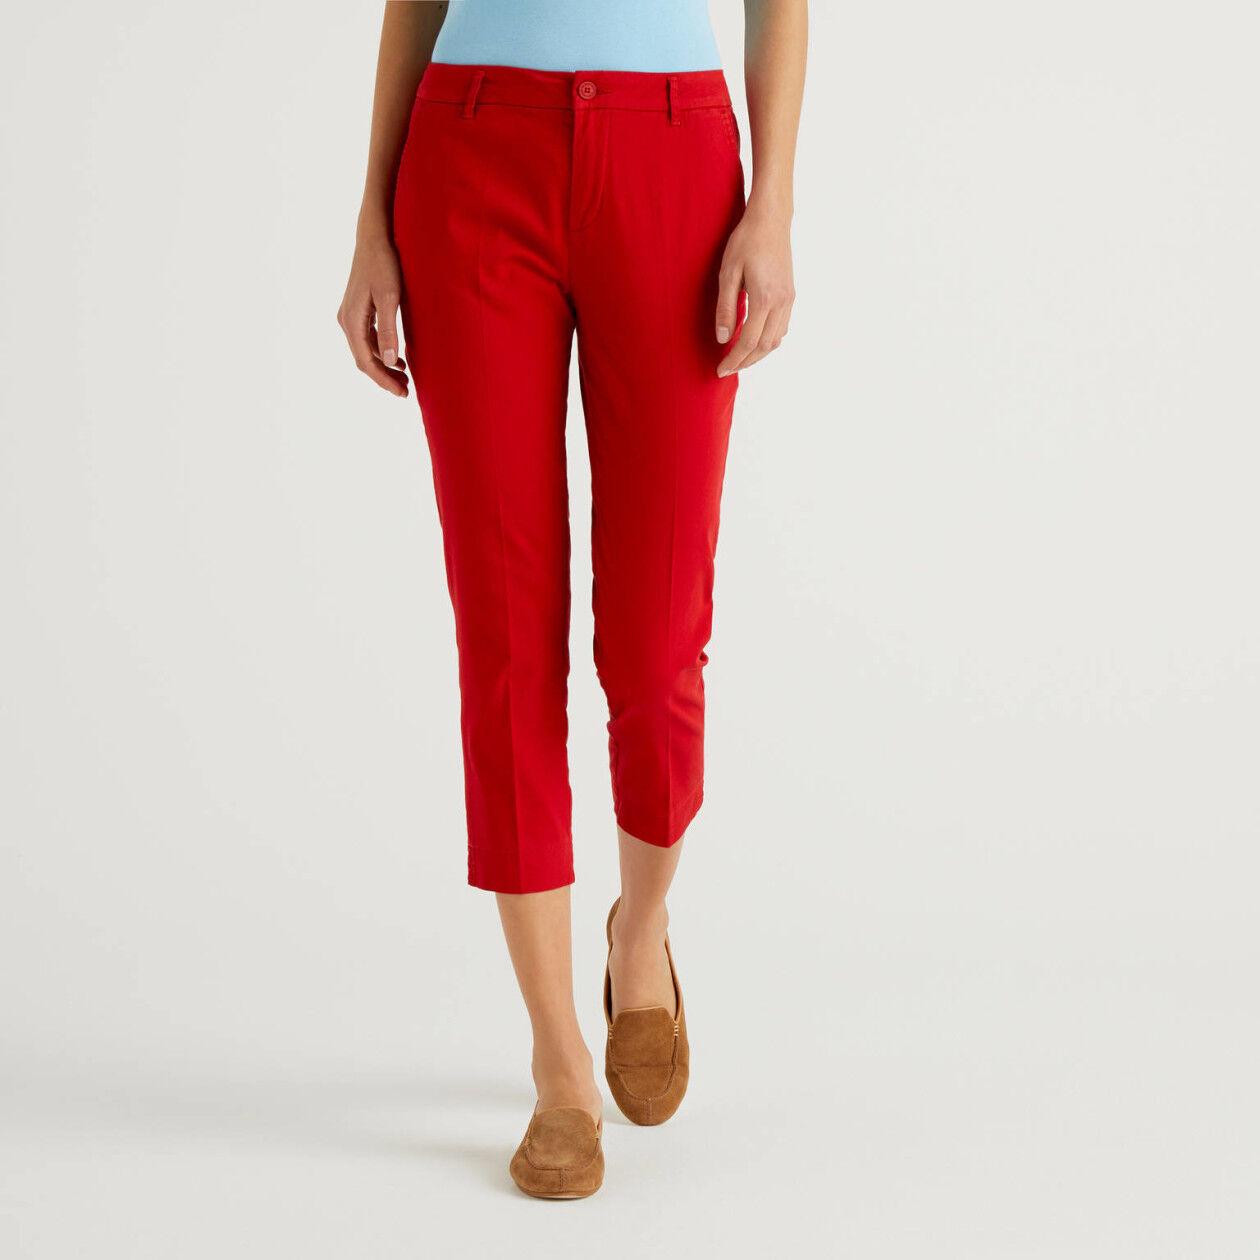 Pantaloni chino stretch